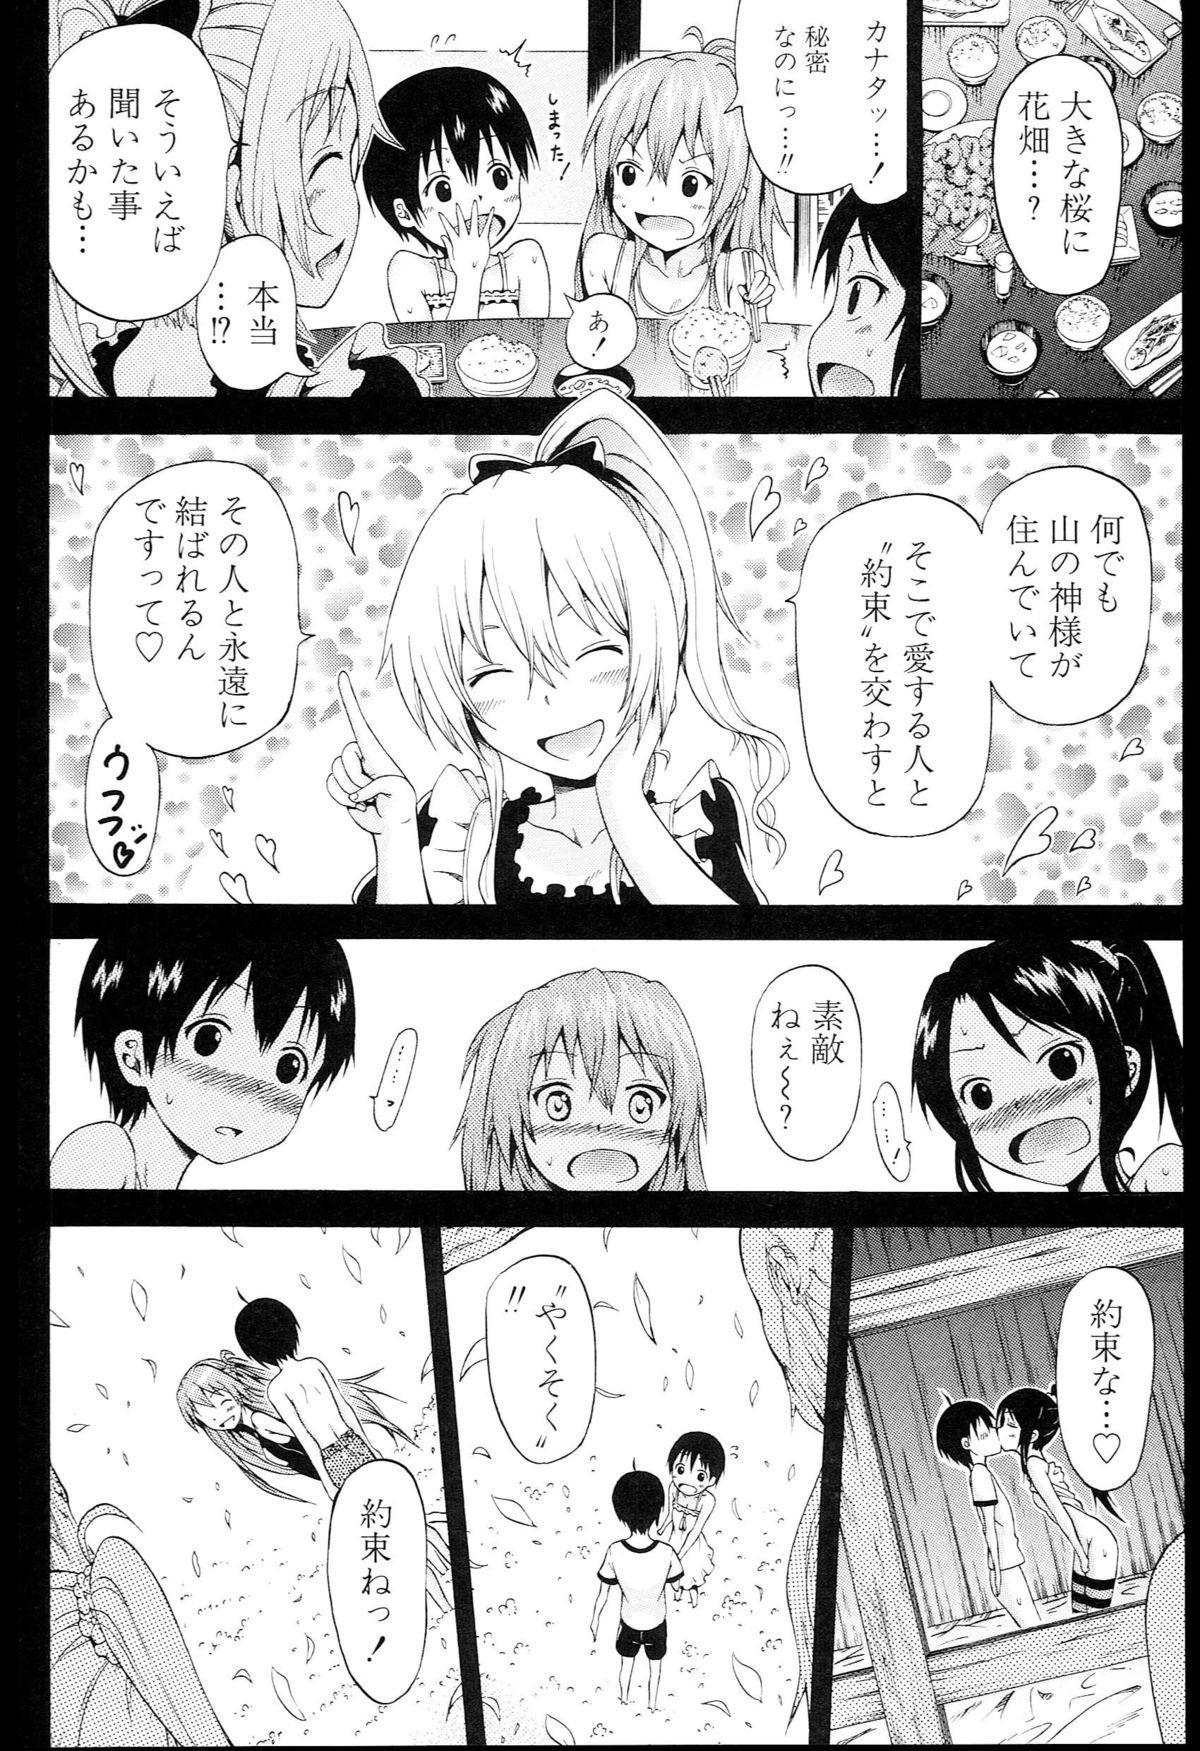 Natsumitsu x Harem + Melonbooks Gentei Shousasshi 186